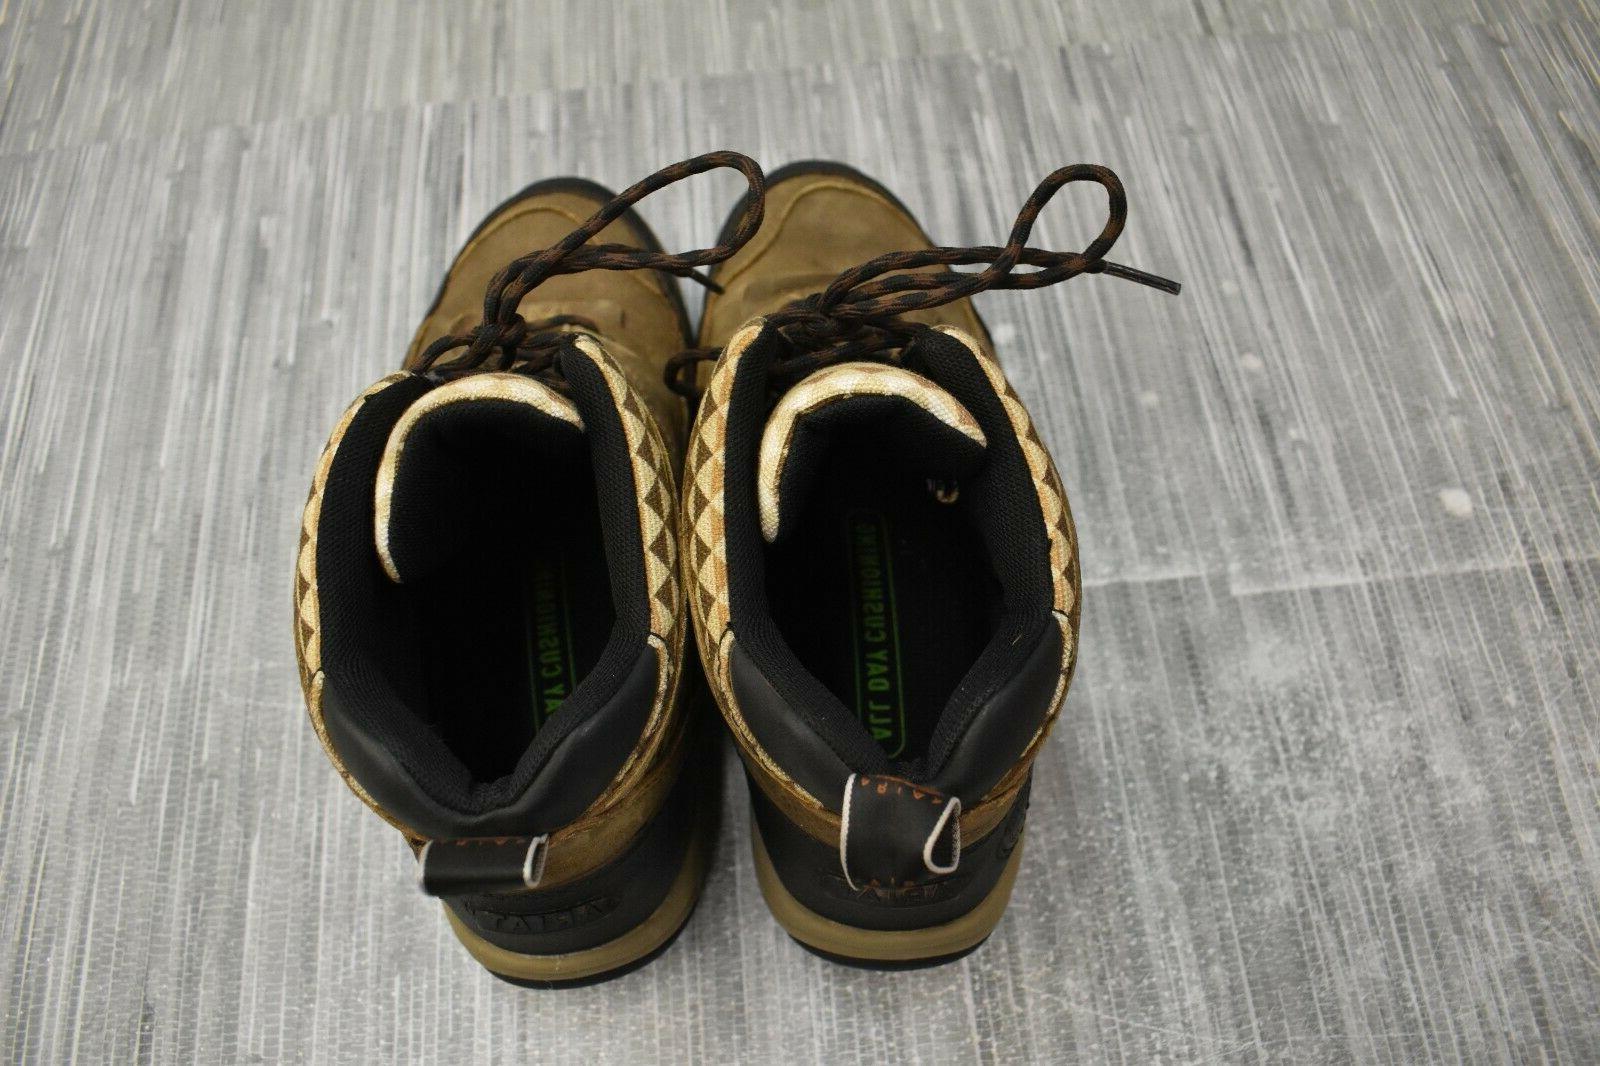 Ariat Terrain 10033925 Hiking Boots, B, Brown